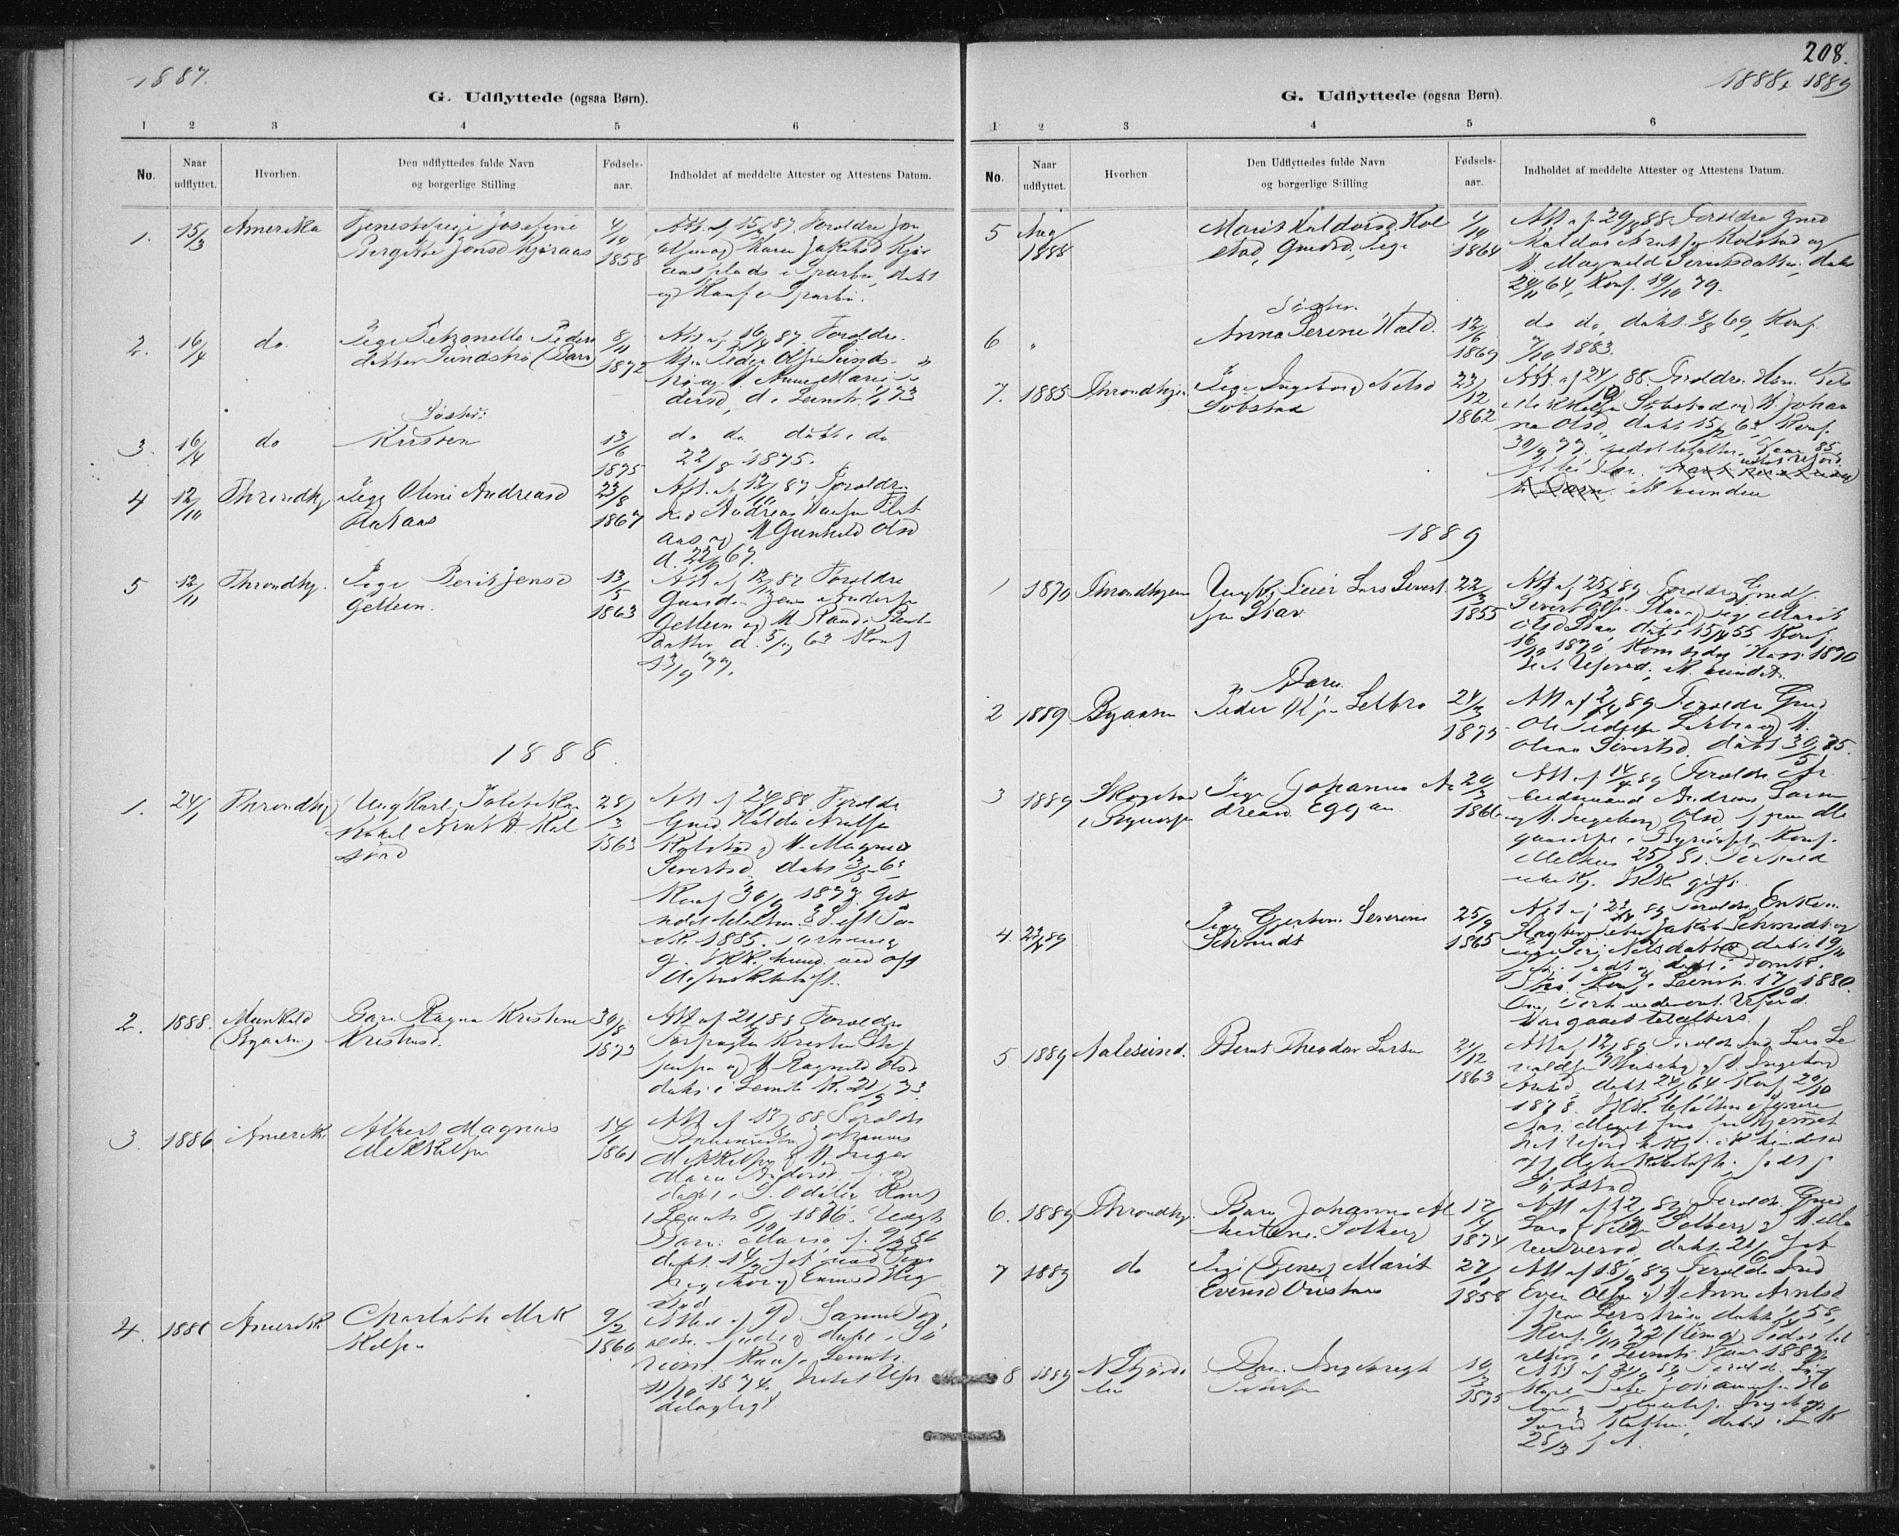 SAT, Ministerialprotokoller, klokkerbøker og fødselsregistre - Sør-Trøndelag, 613/L0392: Ministerialbok nr. 613A01, 1887-1906, s. 208